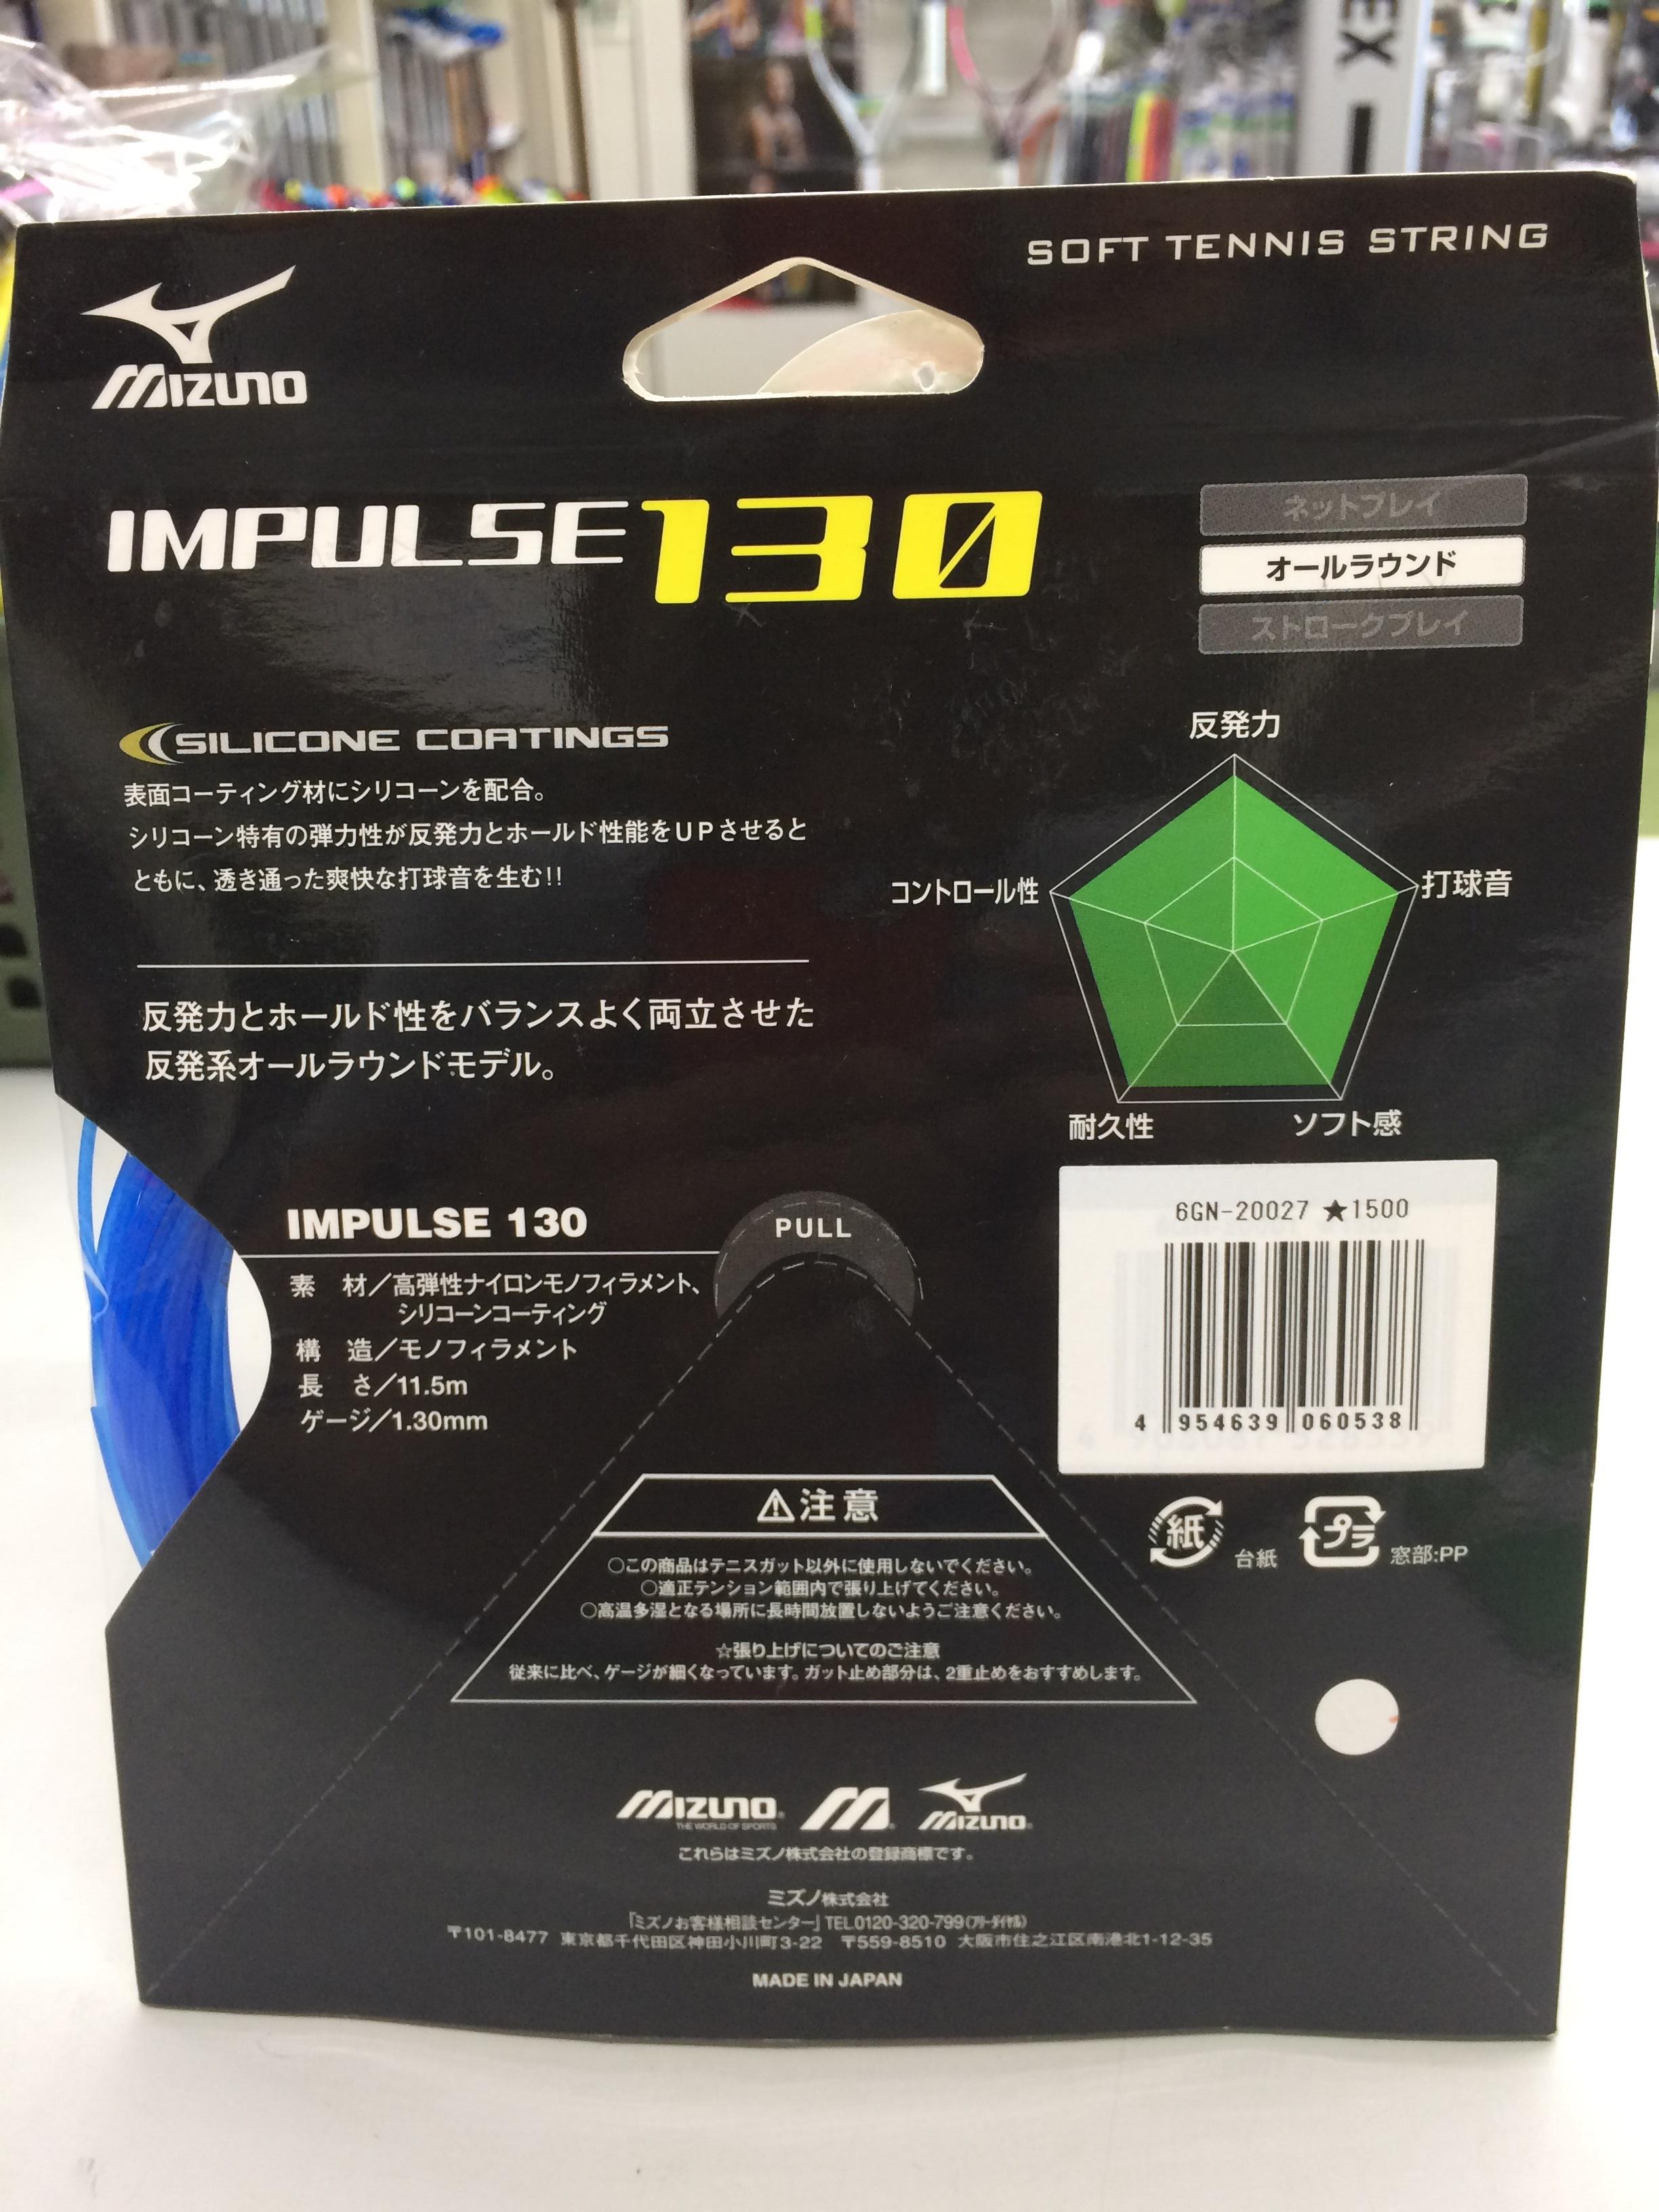 ミズノ IMPULSE130  - 画像3